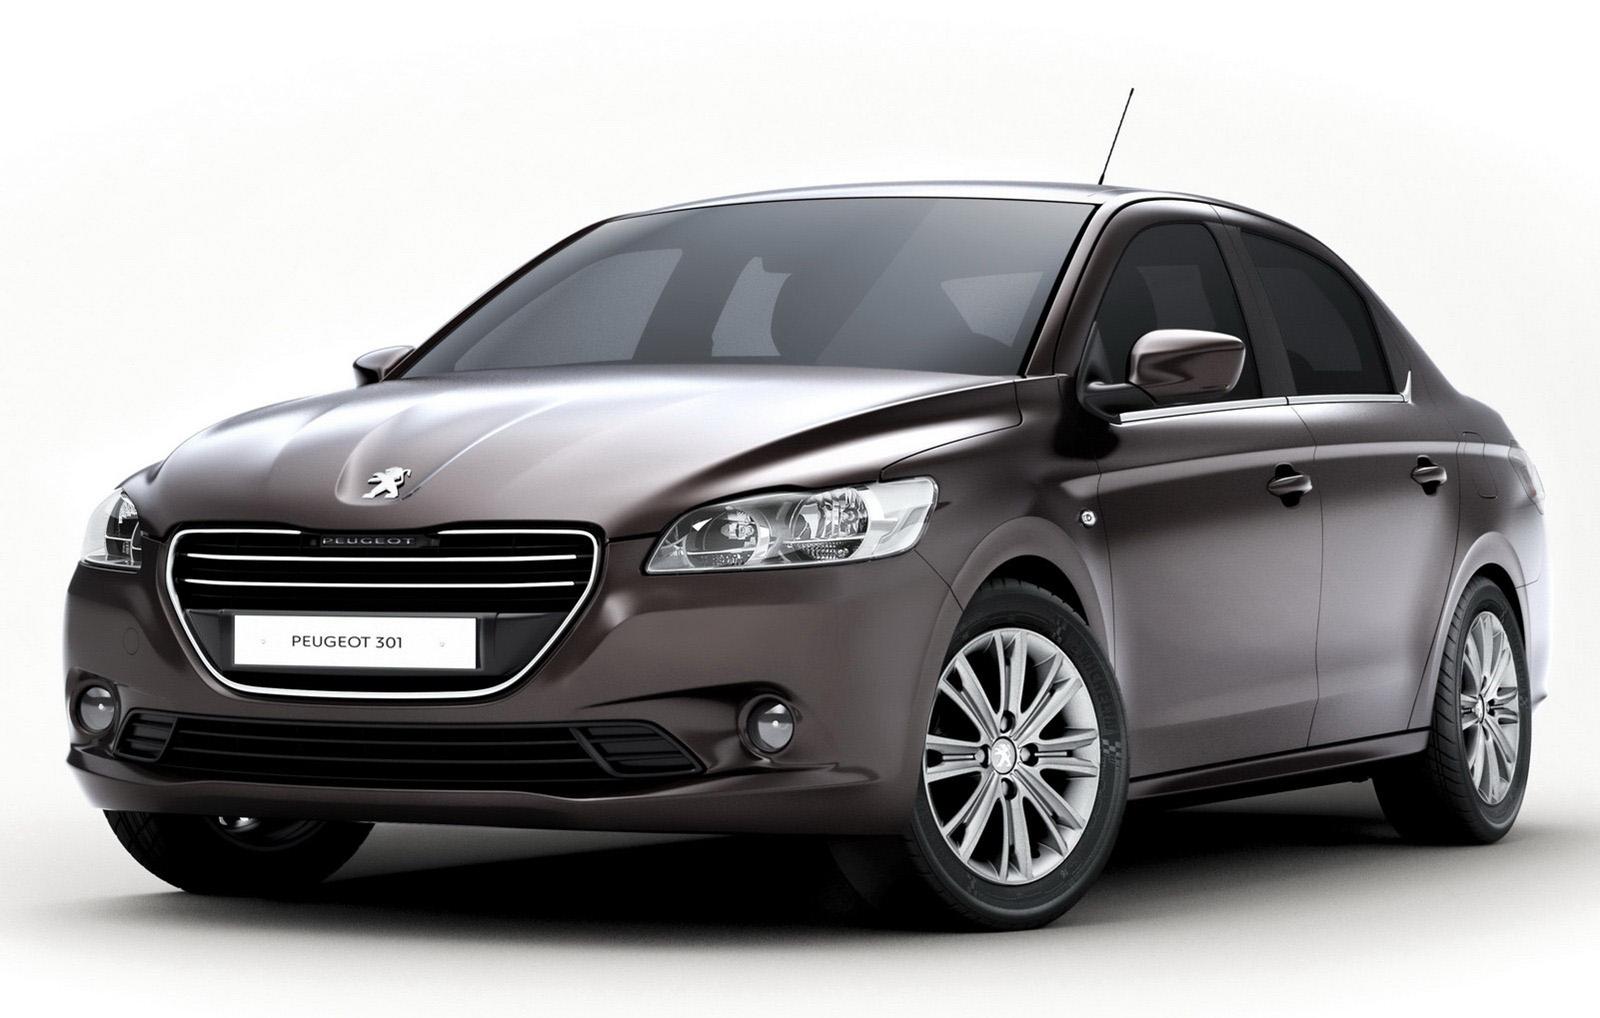 Cat D2 – Peugeot 301 | 1.4 Auto